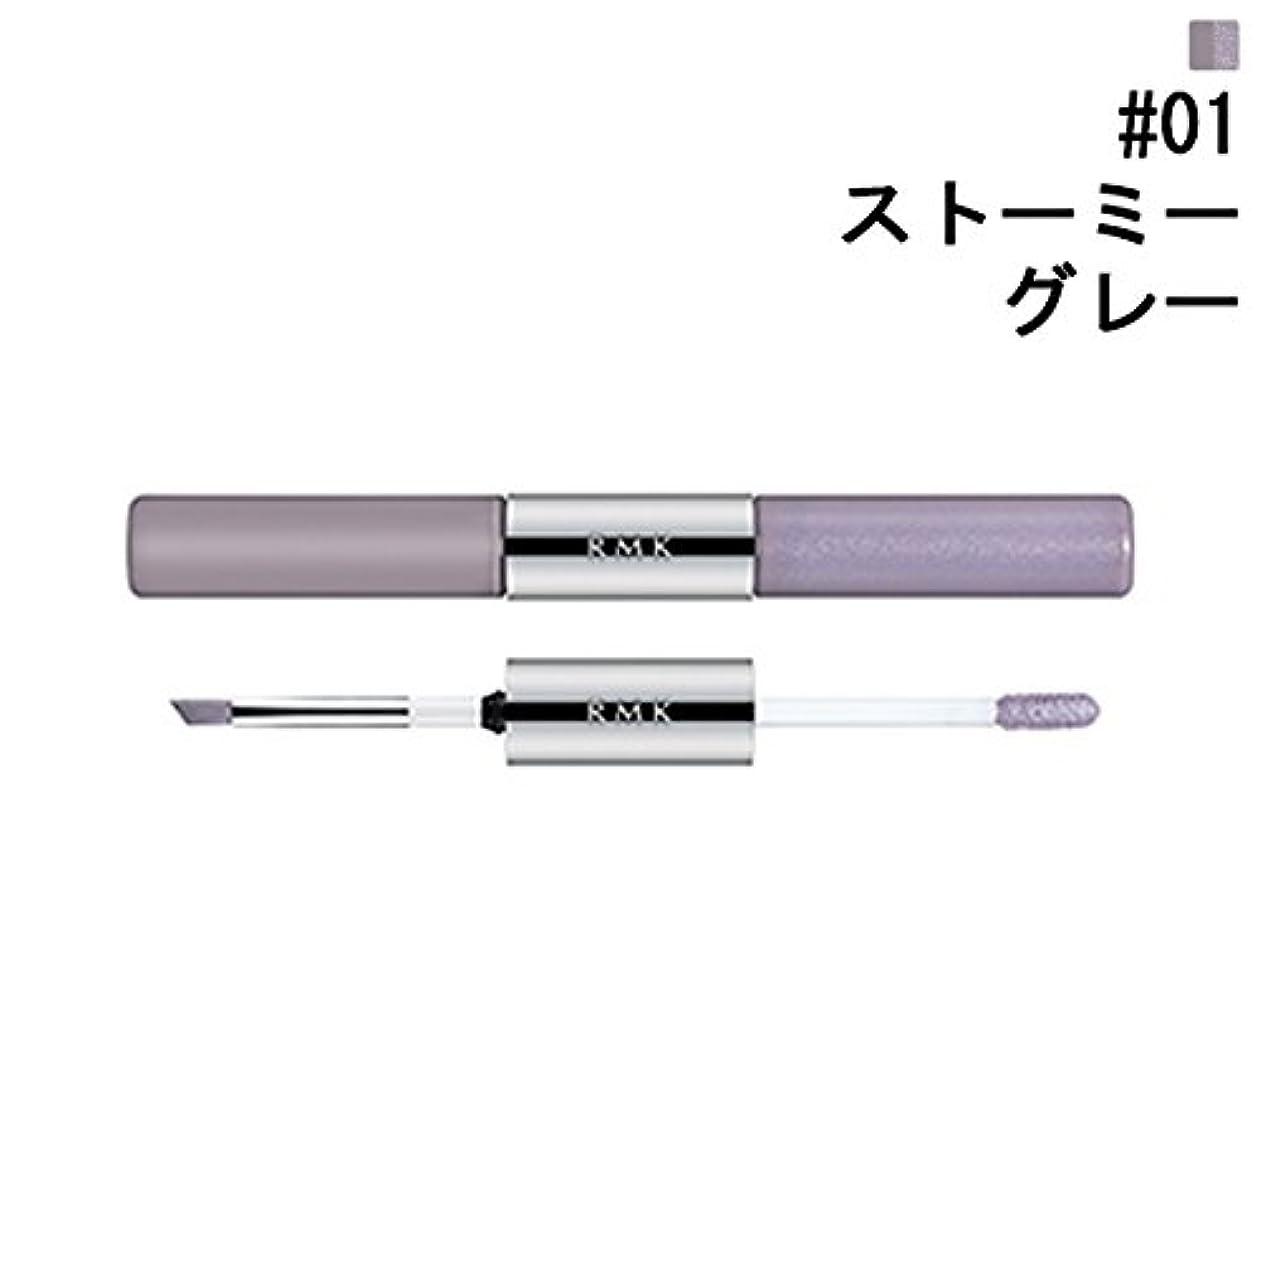 バック鋼協会RMK Wウォーターアイズ カラーインク #01 ストーミーグレー 9.9g 【RMK (ルミコ)】